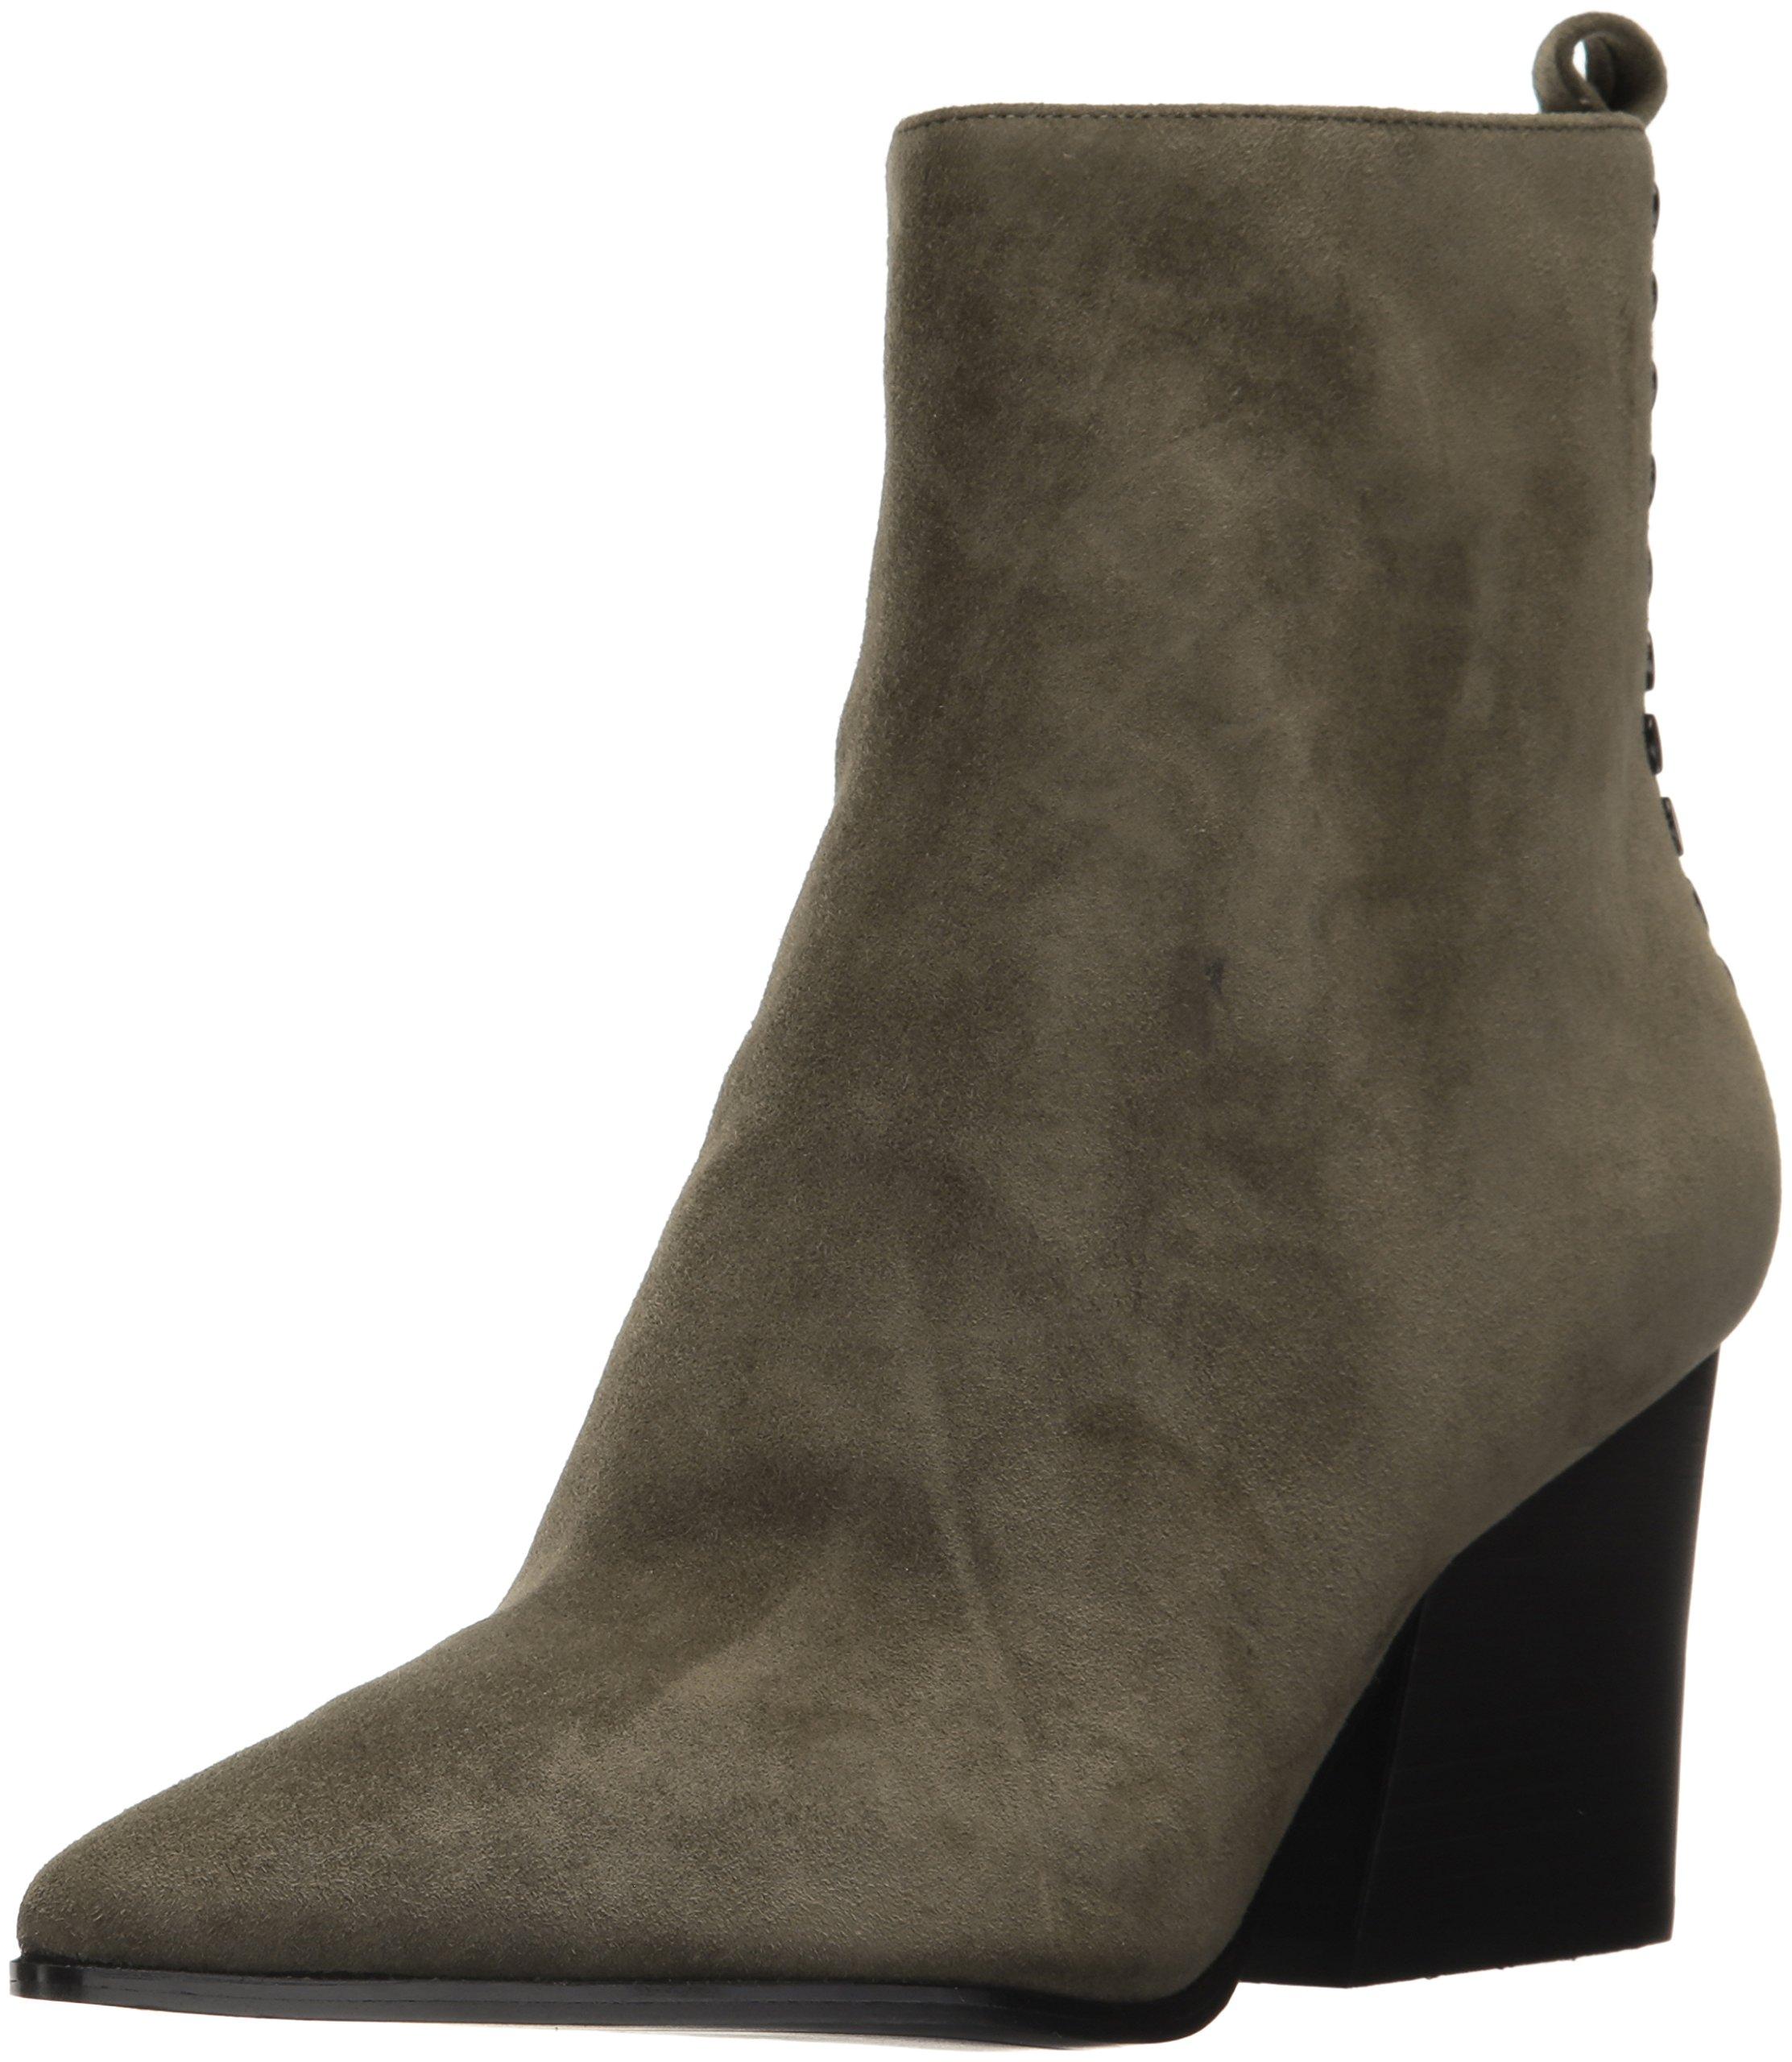 KENDALL + KYLIE Women's Felix Ankle Boot, Khaki Green, 8 Medium US